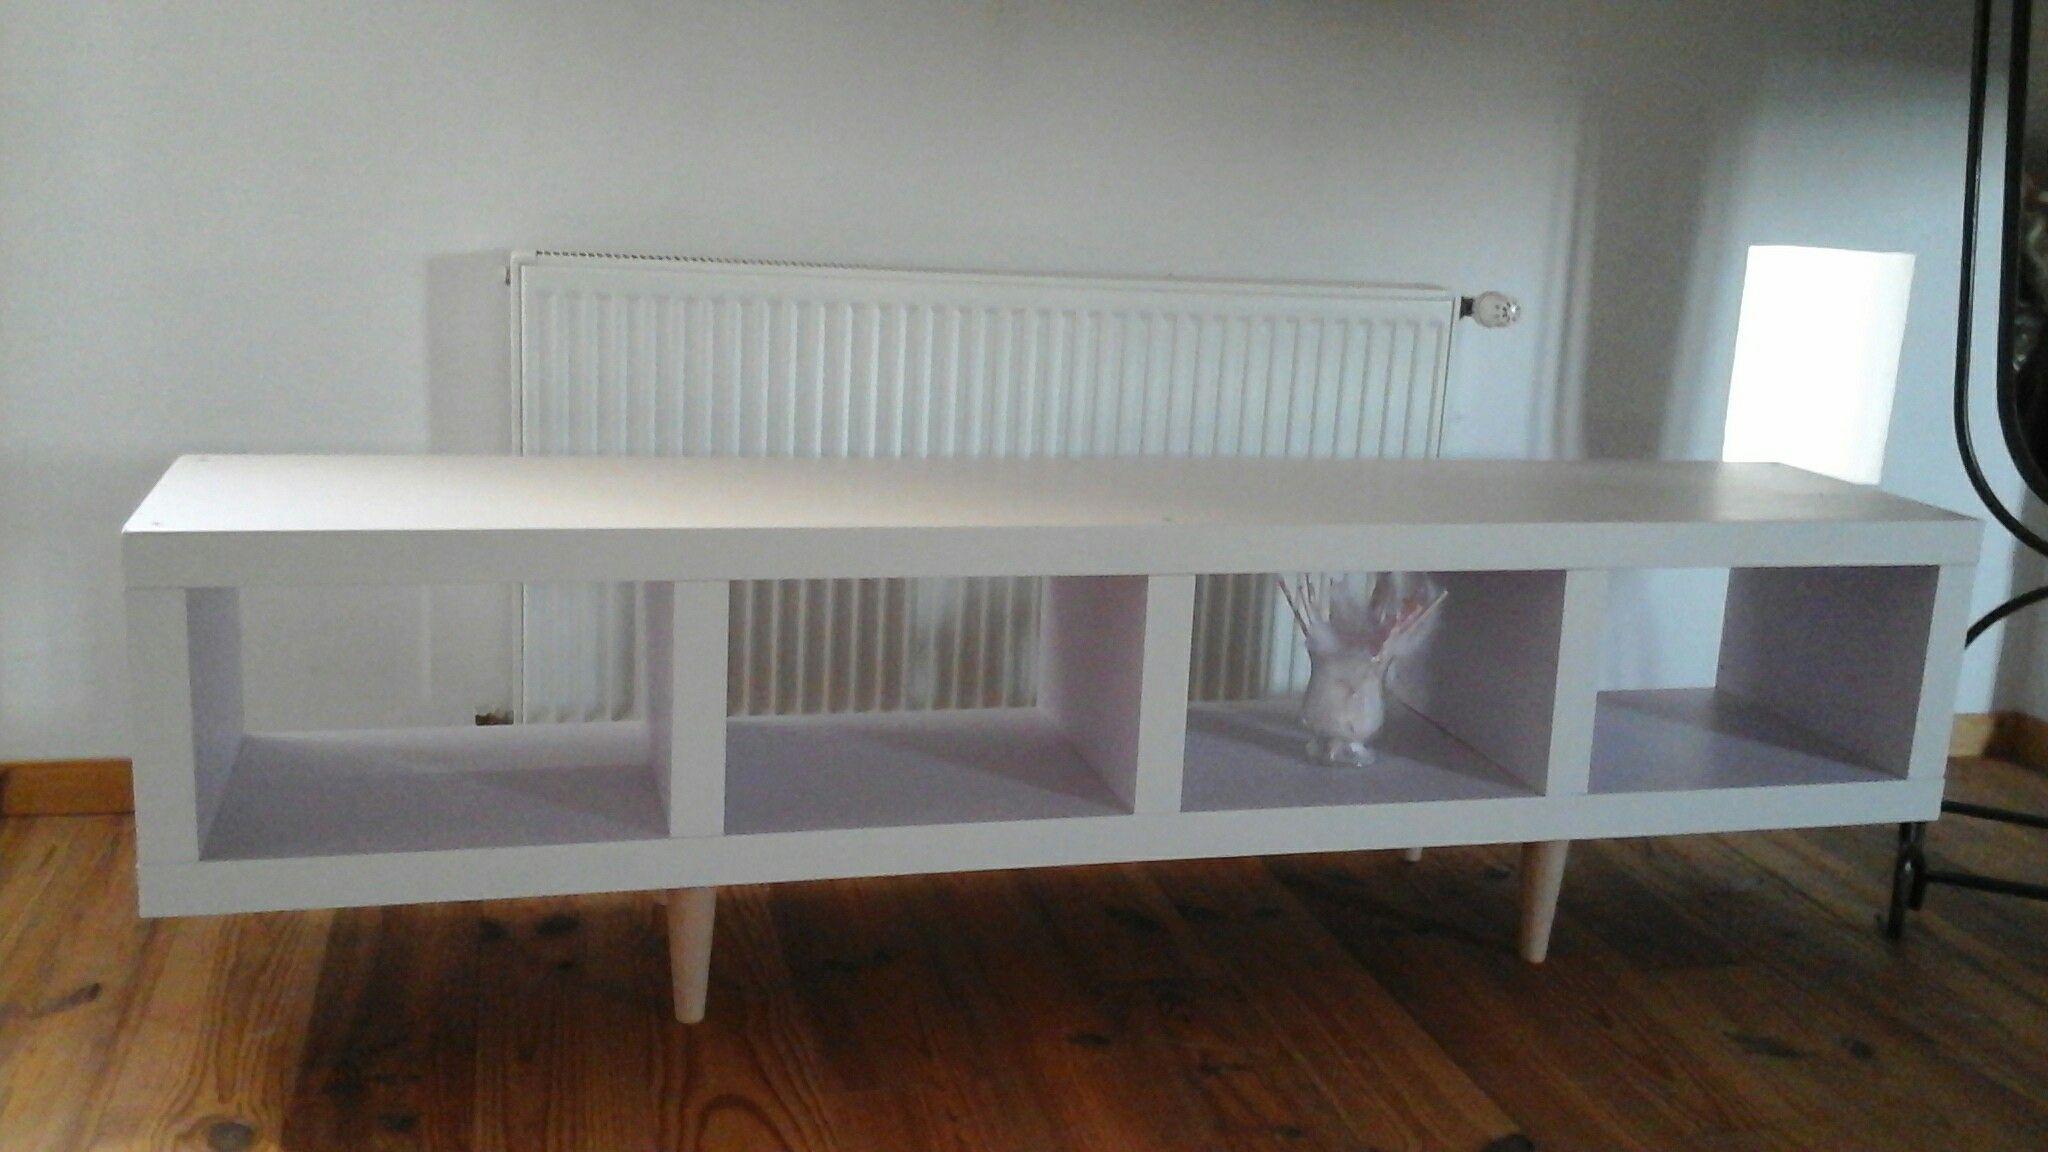 Meuble En Colonne Ikea meuble colonne ikea relooker peinture et pose de pieds pour